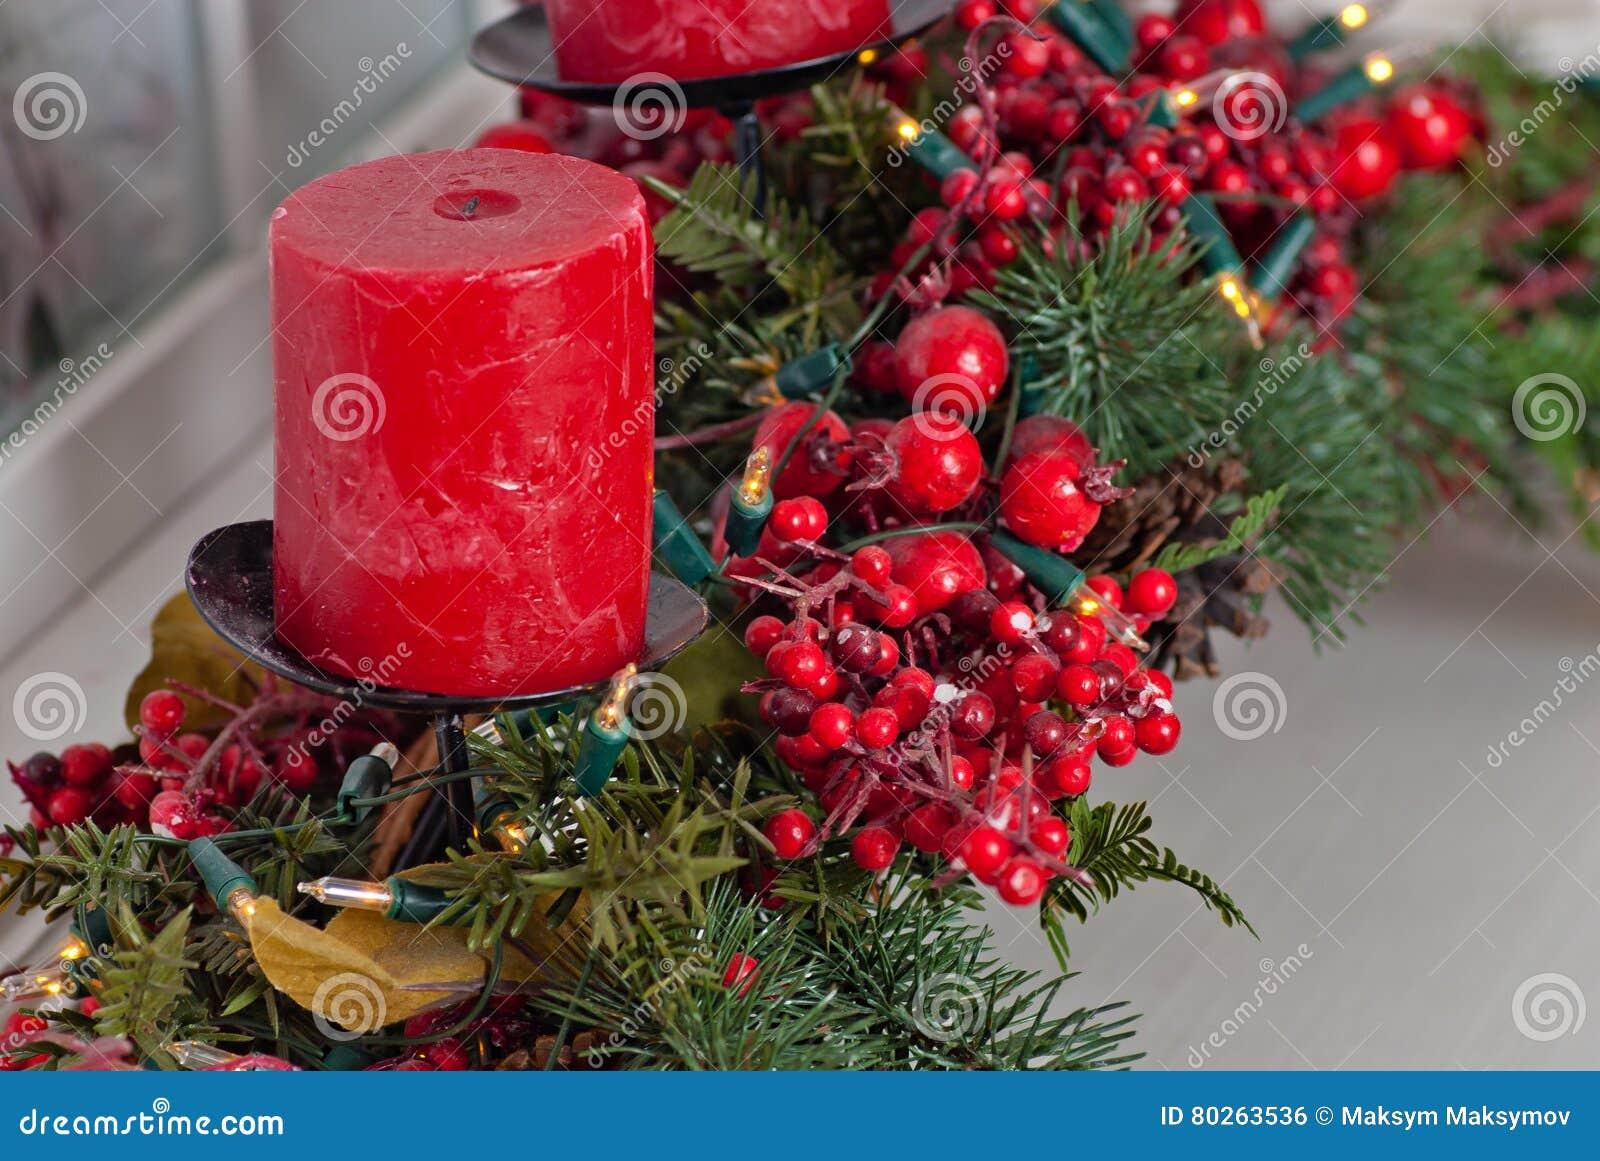 Decorare Candele Di Natale : Decorare candele rosse candele rosse non tossiche del dolce di